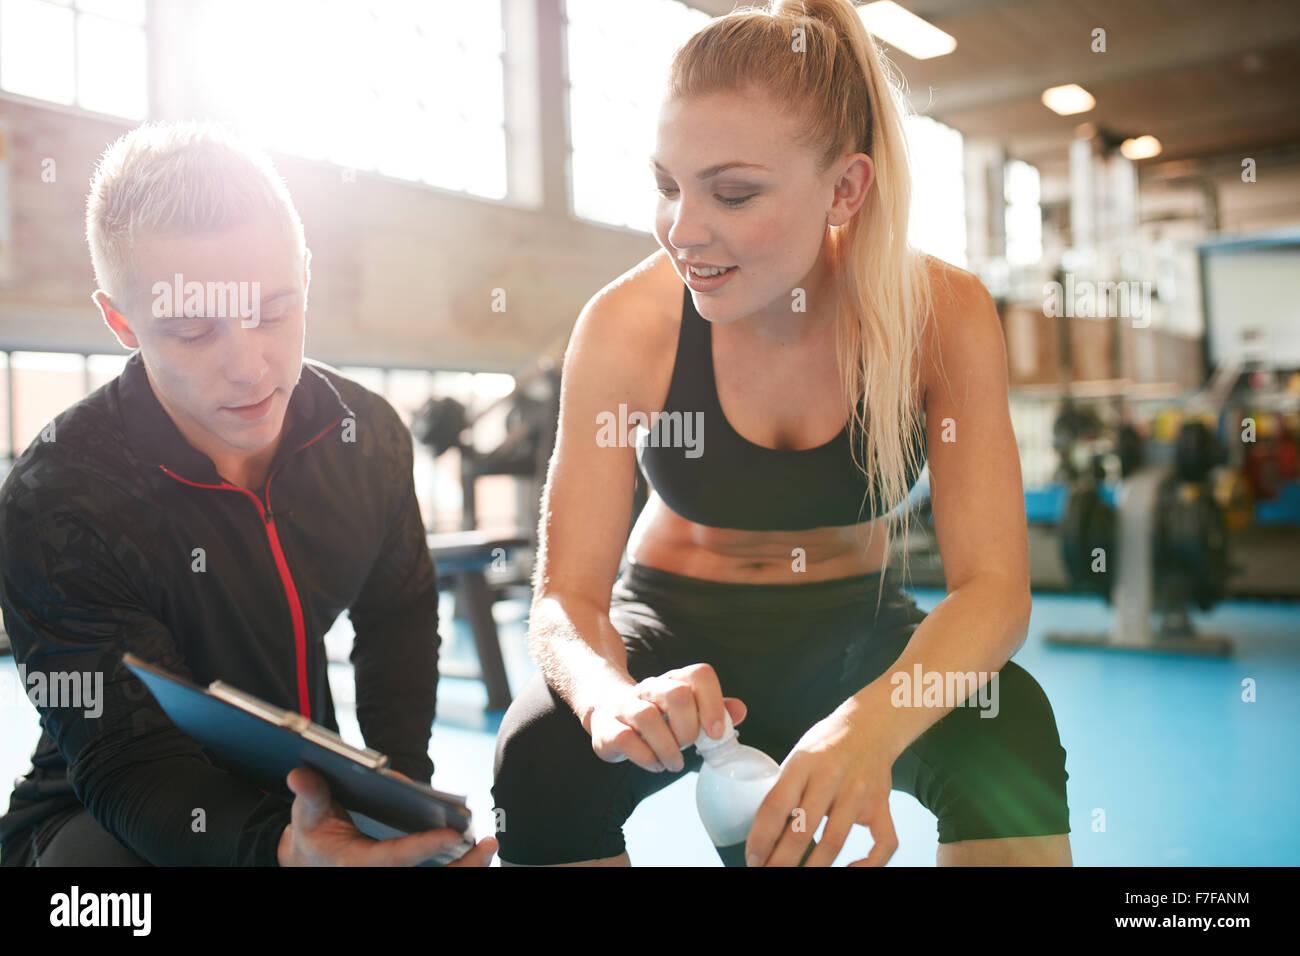 Vue d'un entraîneur personnel aider jeune femme avec son plan de remise en forme. Salle de fitness trainer Photo Stock